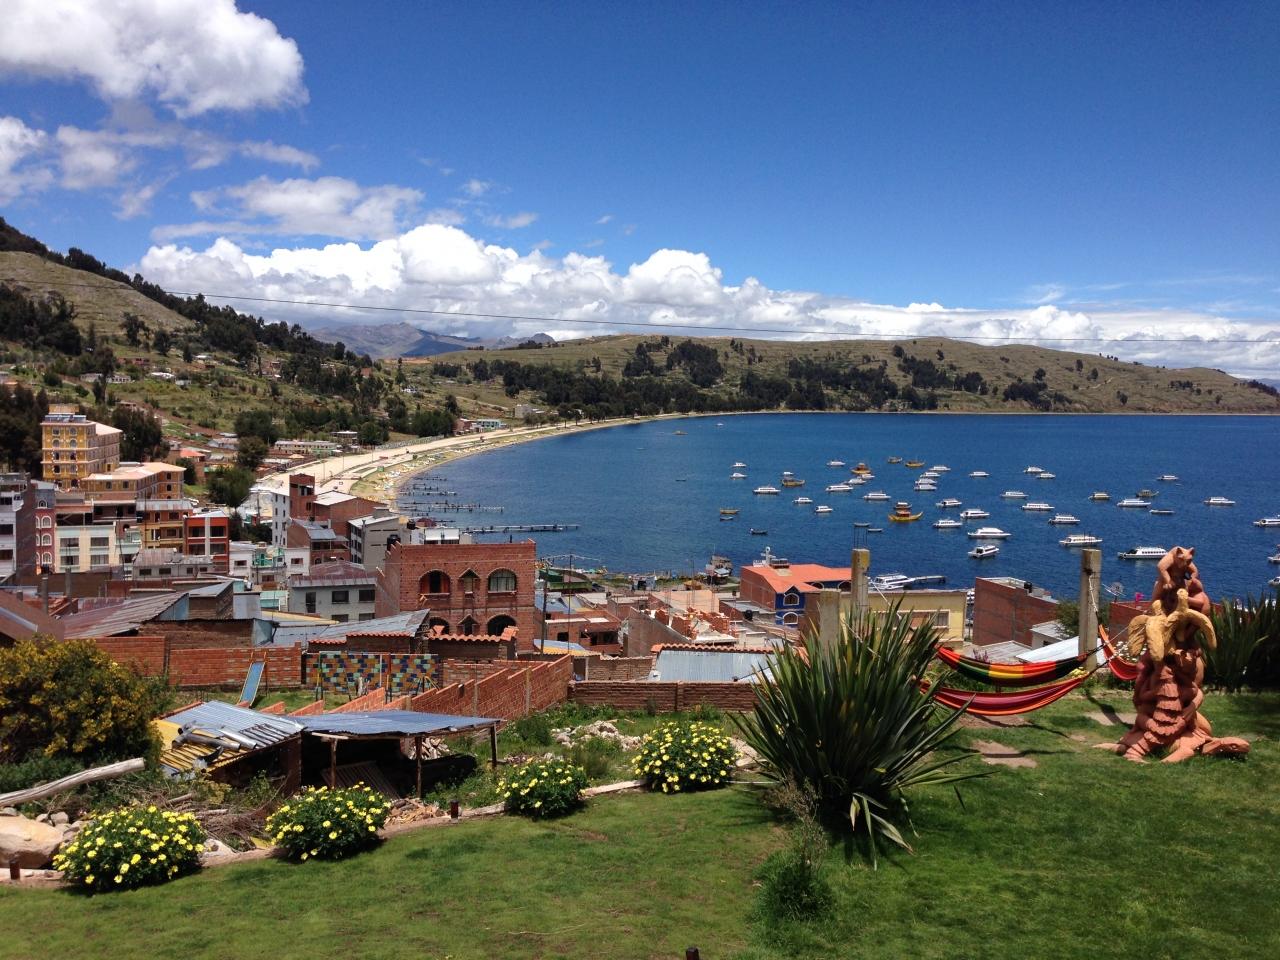 その他の都市(ボリビア) 旅行 クチコミガイド